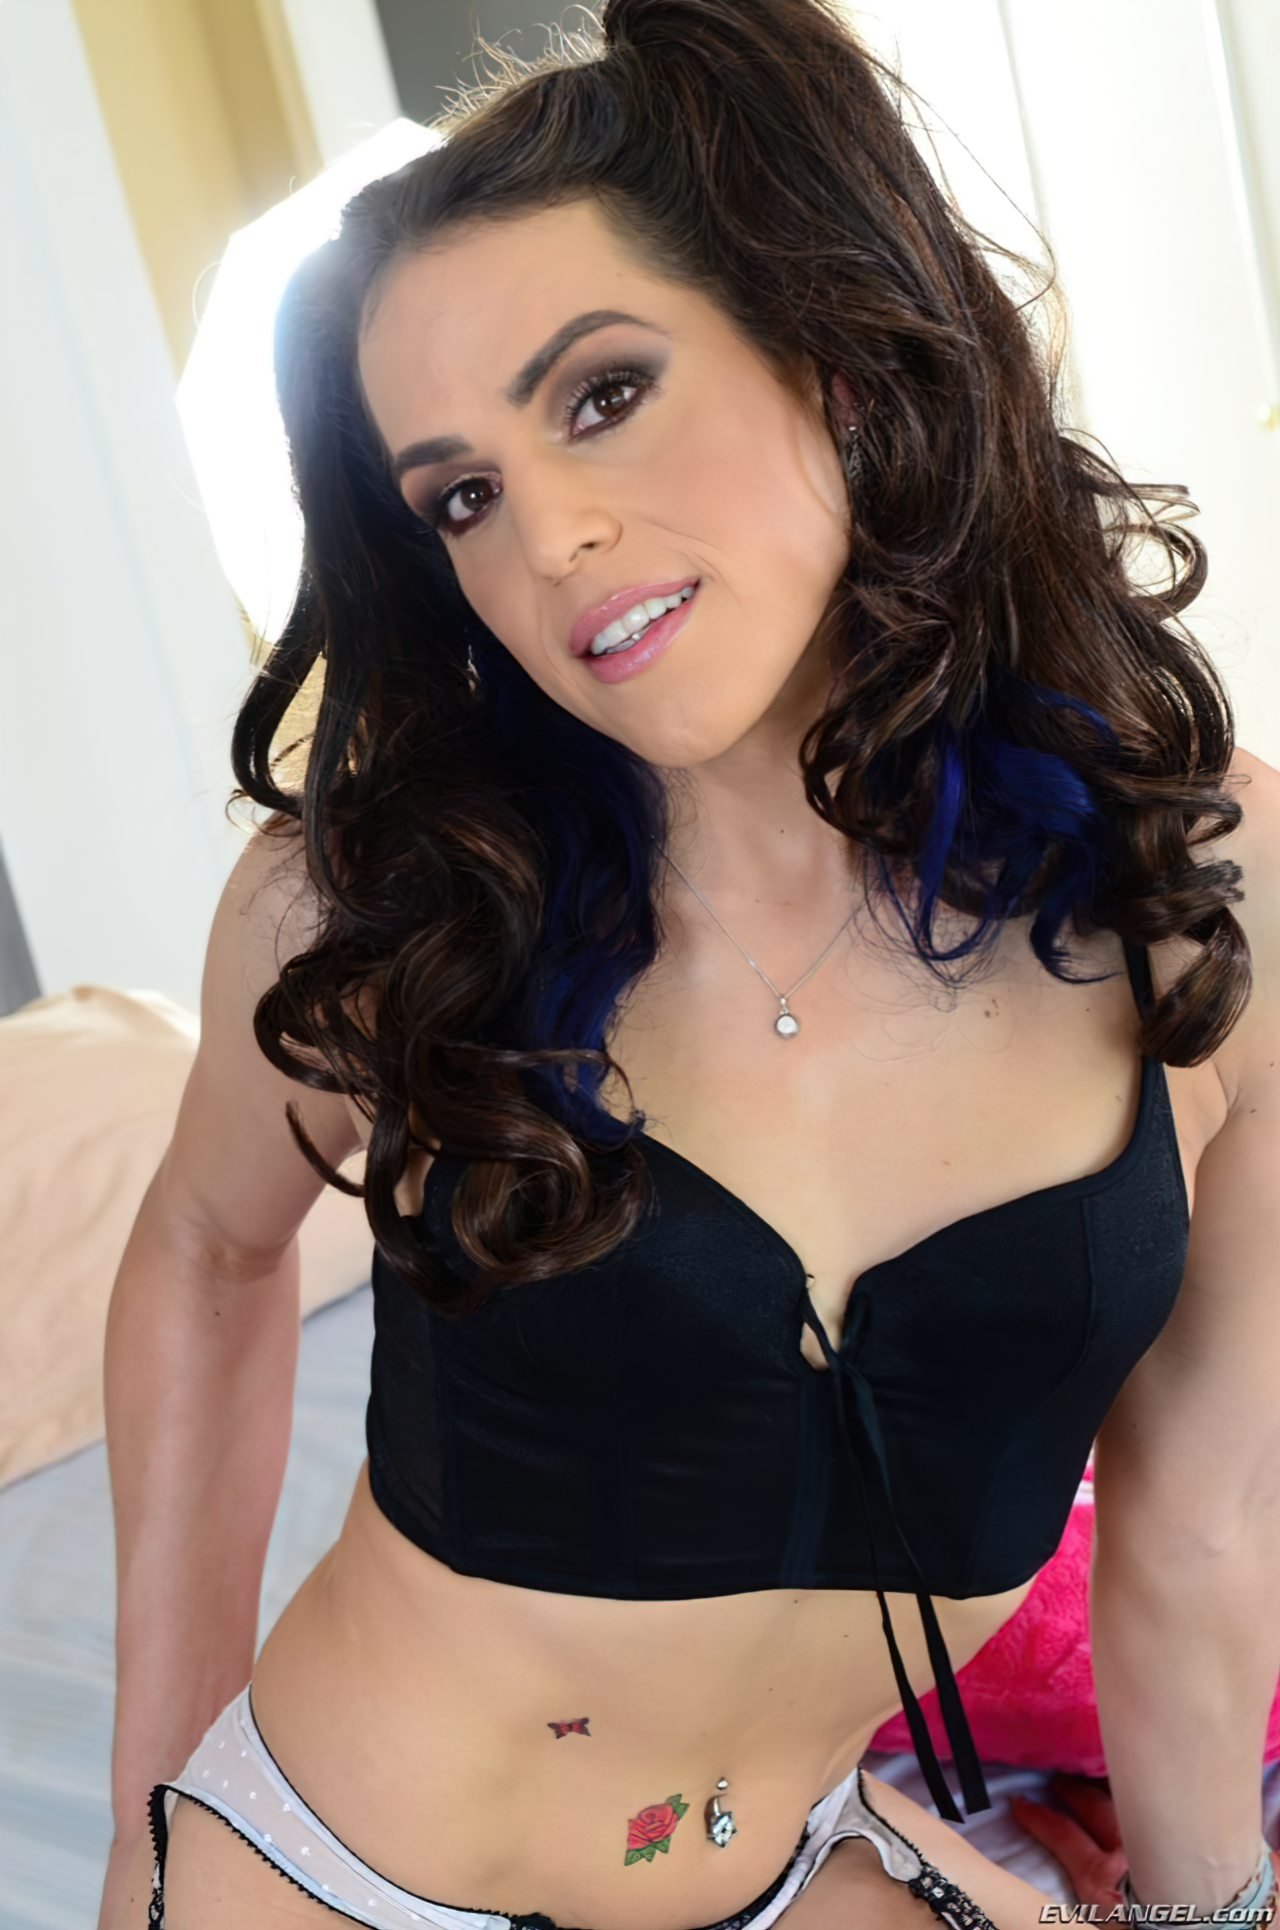 Kelly Travesti (1)